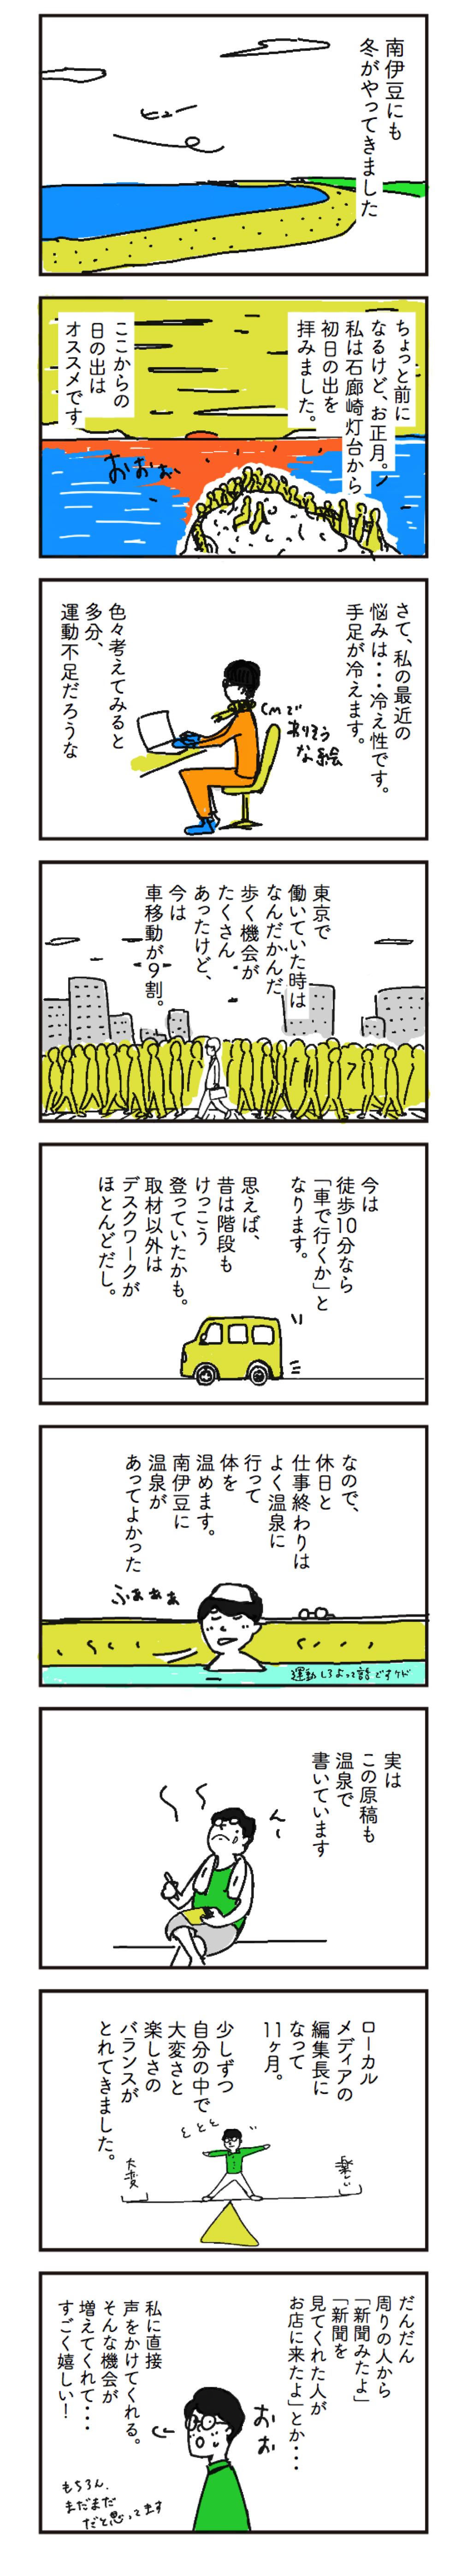 南伊豆漫画3 copy